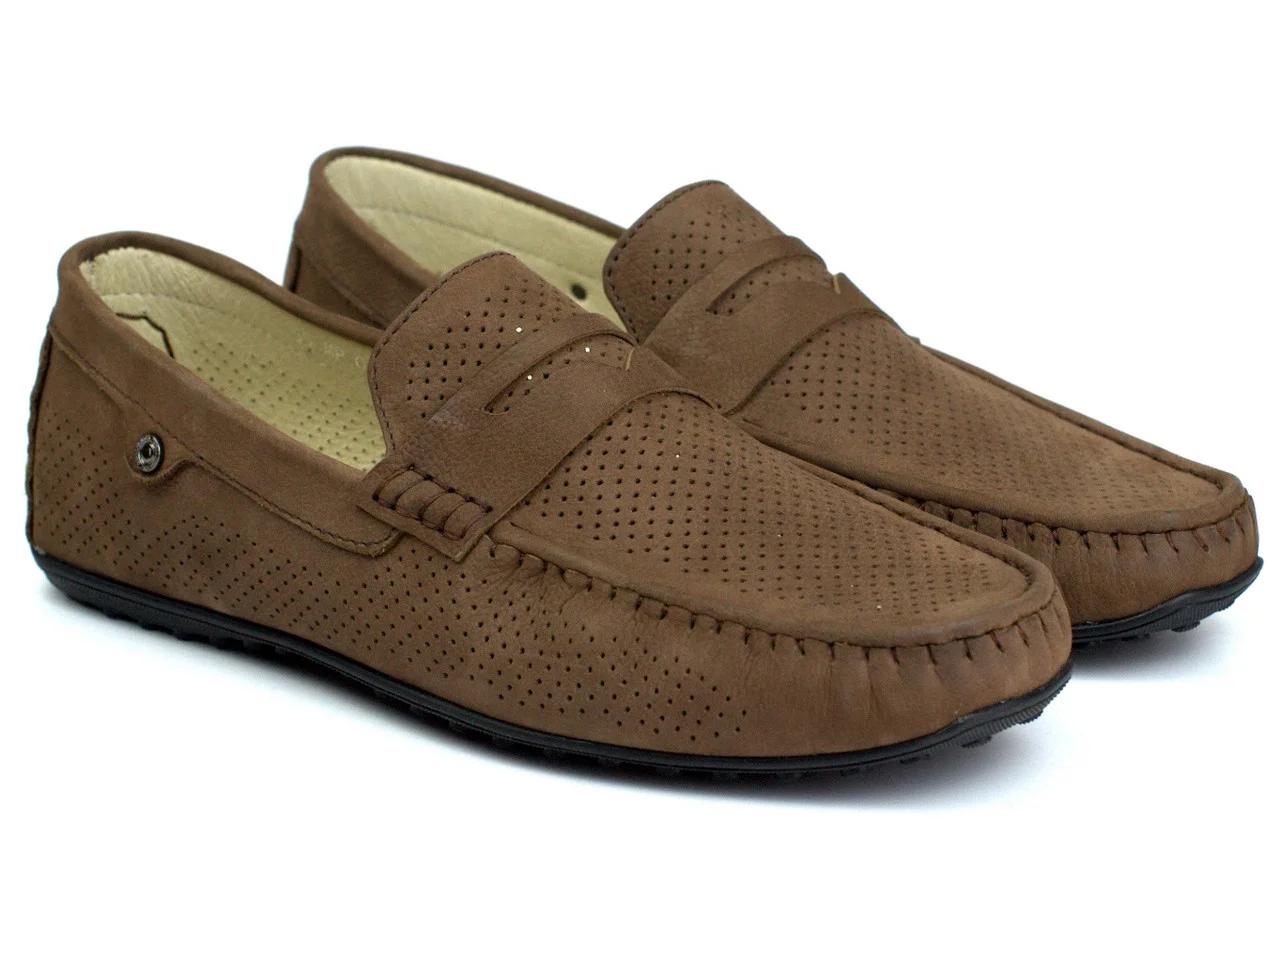 Коричневые летние мокасины замшевые обувь больших размеров мужская Rosso Avangard ETHEREAL Cappuccino Brown Nub Perf BS Подробнее: